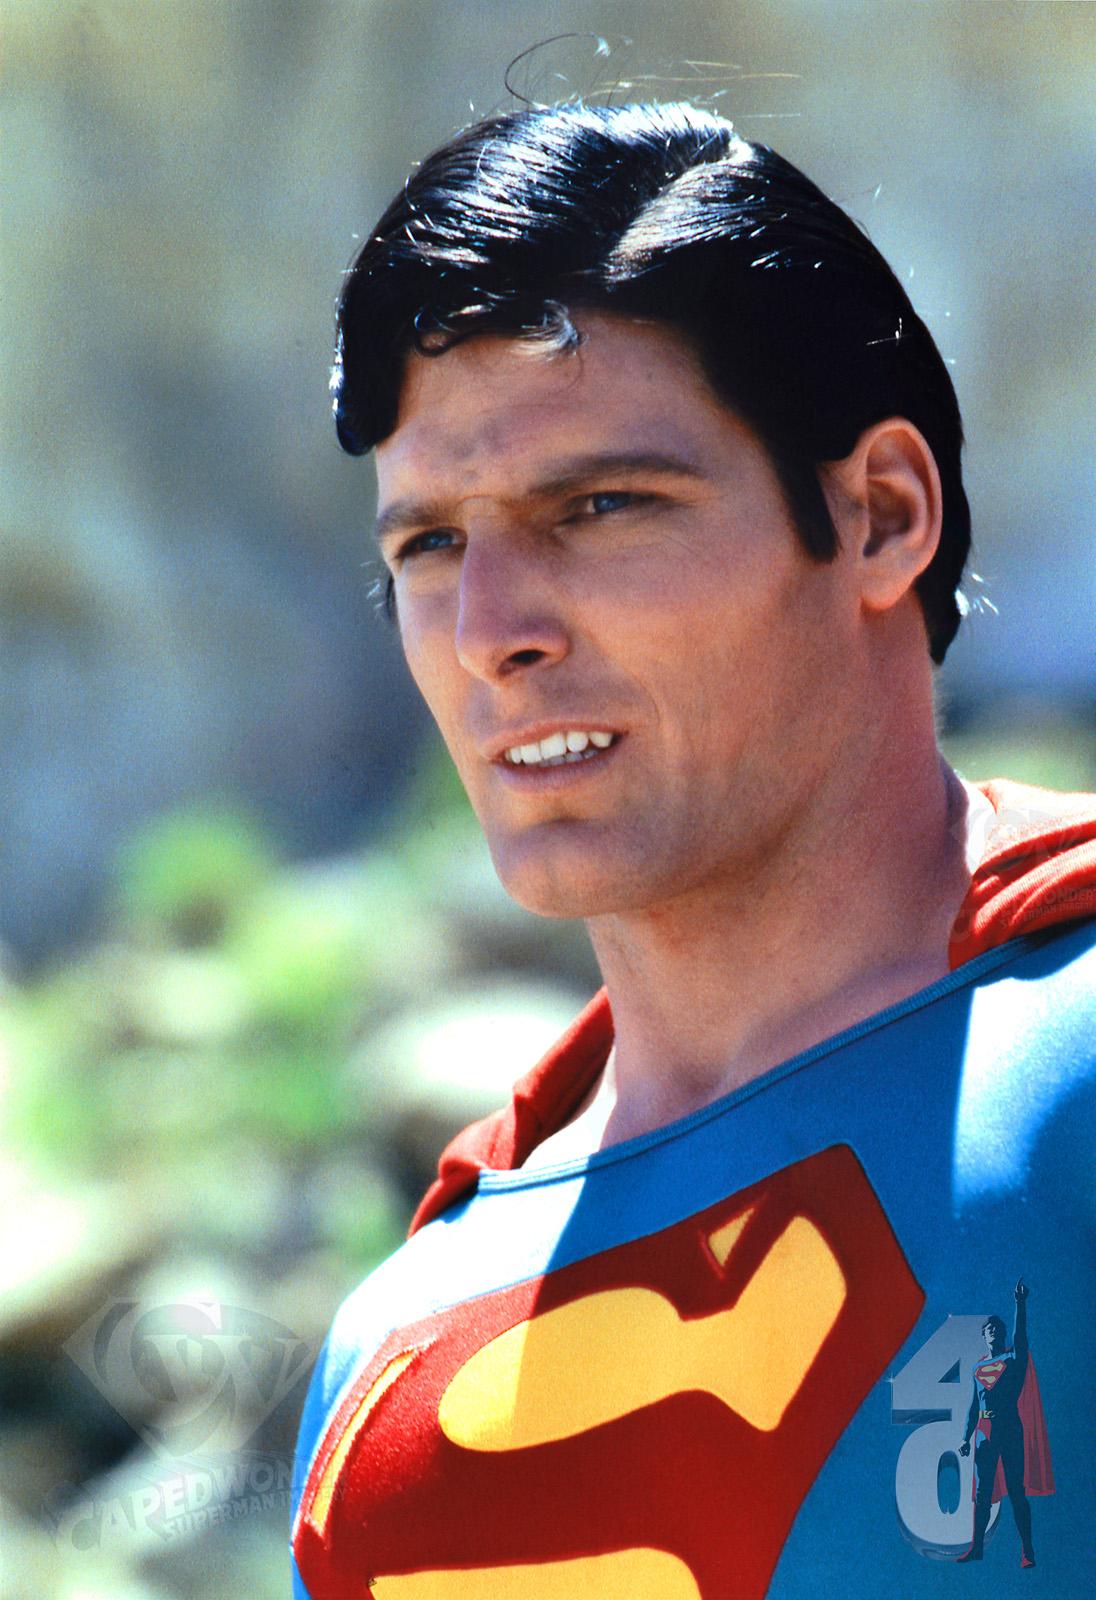 CW-STM-Superman-portrait-color-Gallup-NM-06